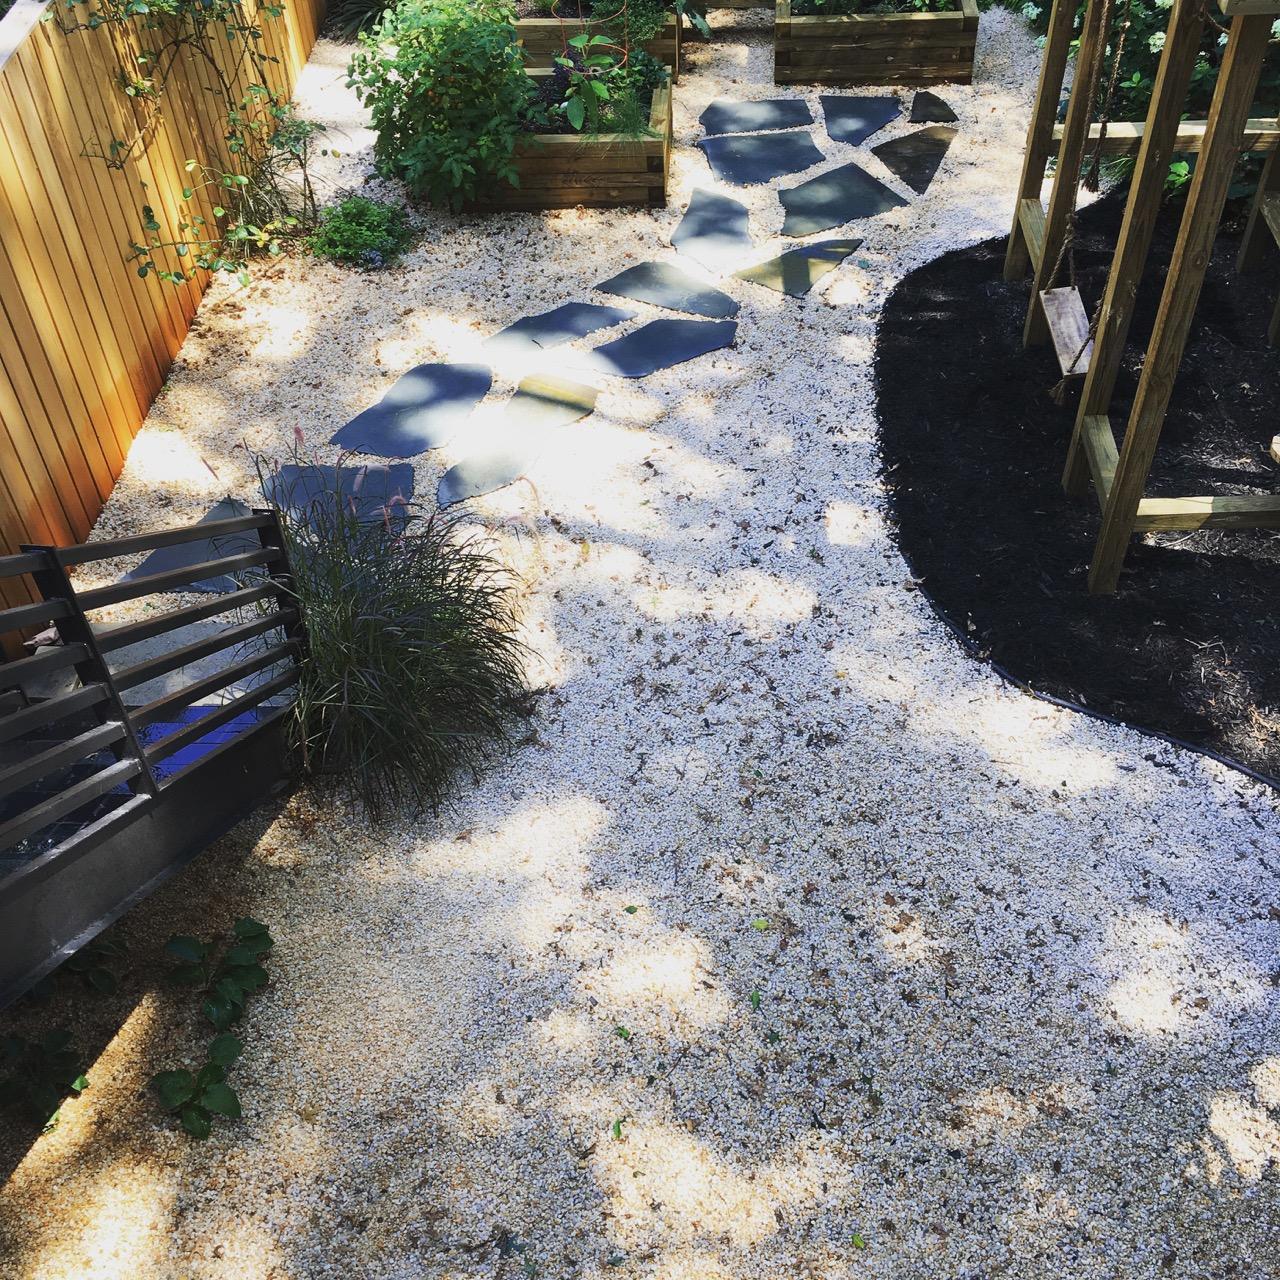 Easy draining gravel underfoot